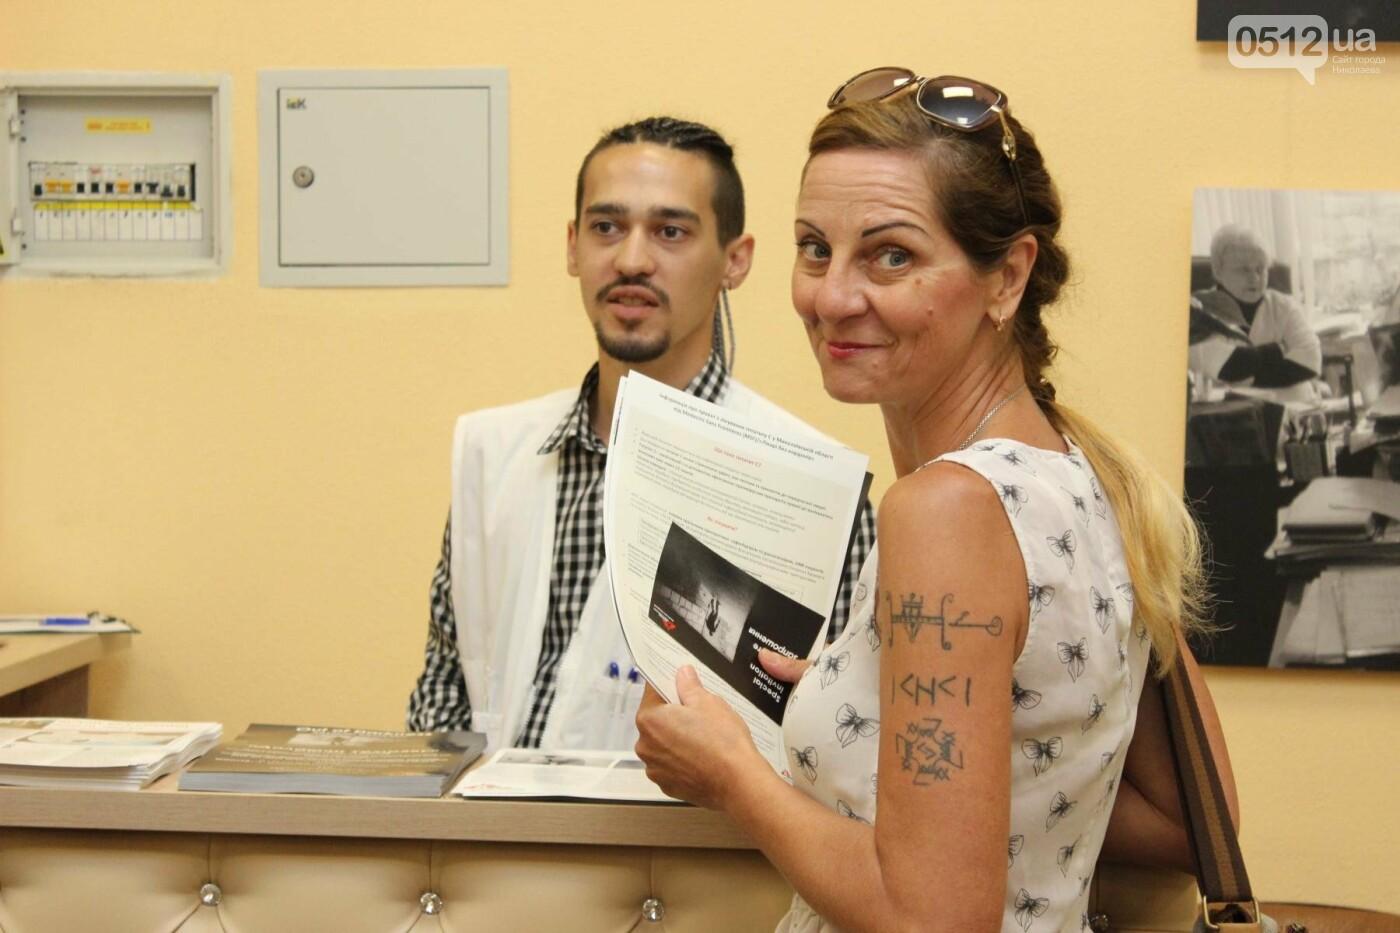 В Николаеве прошла фото-выставка людей, которые борются за жизнь, - ФОТО, фото-14